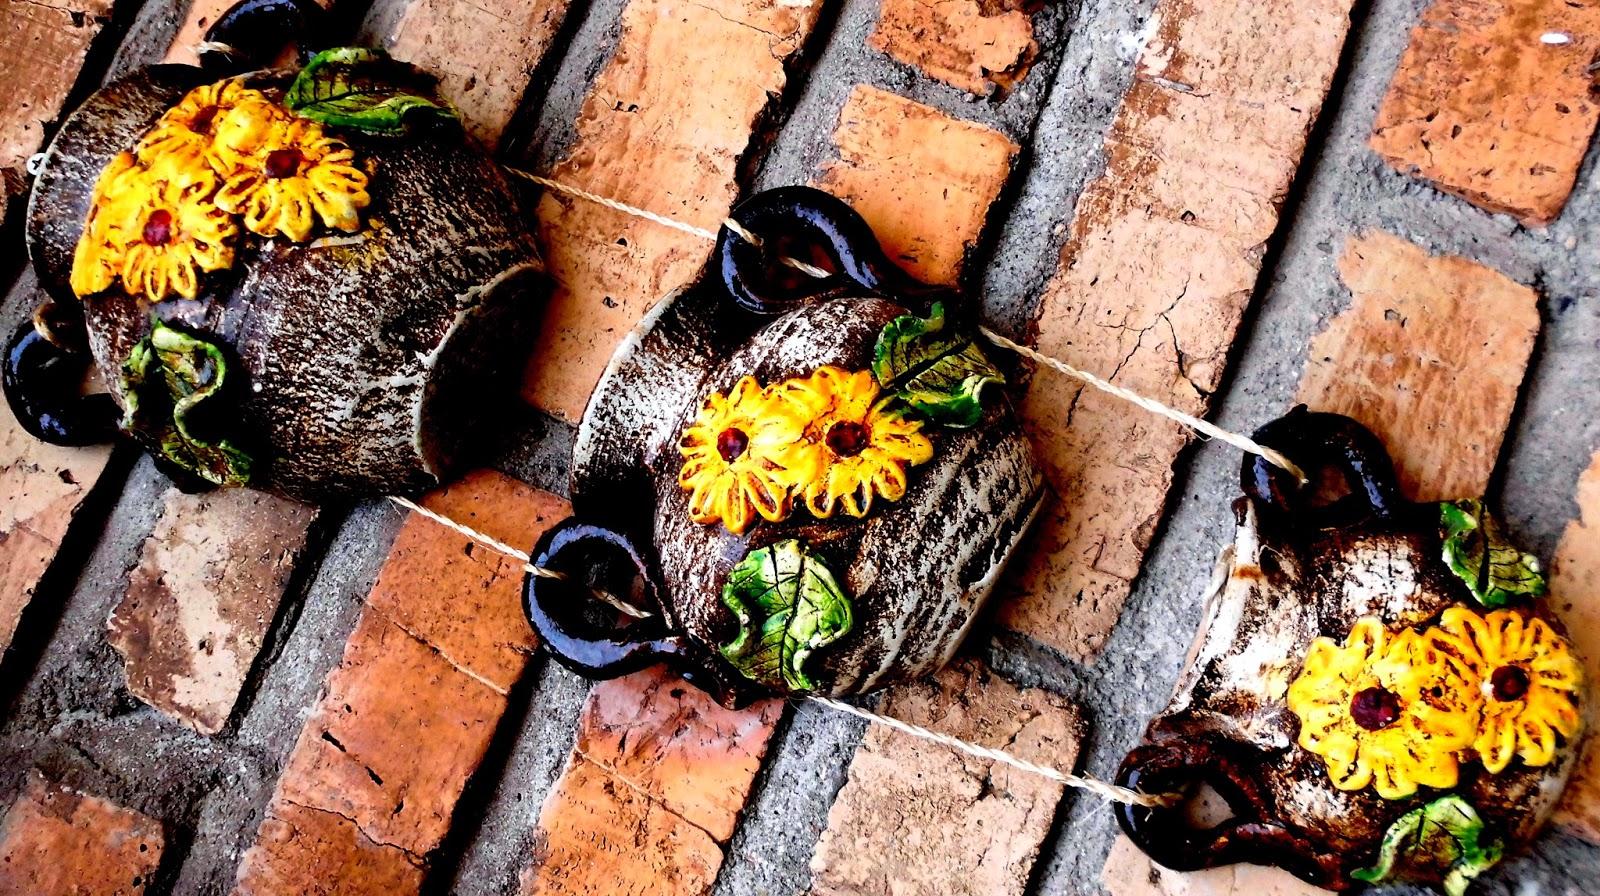 jarrones de Barro para la Pared, adornos, decoración de jardín, jarrones rústicos, jarrones artesanales